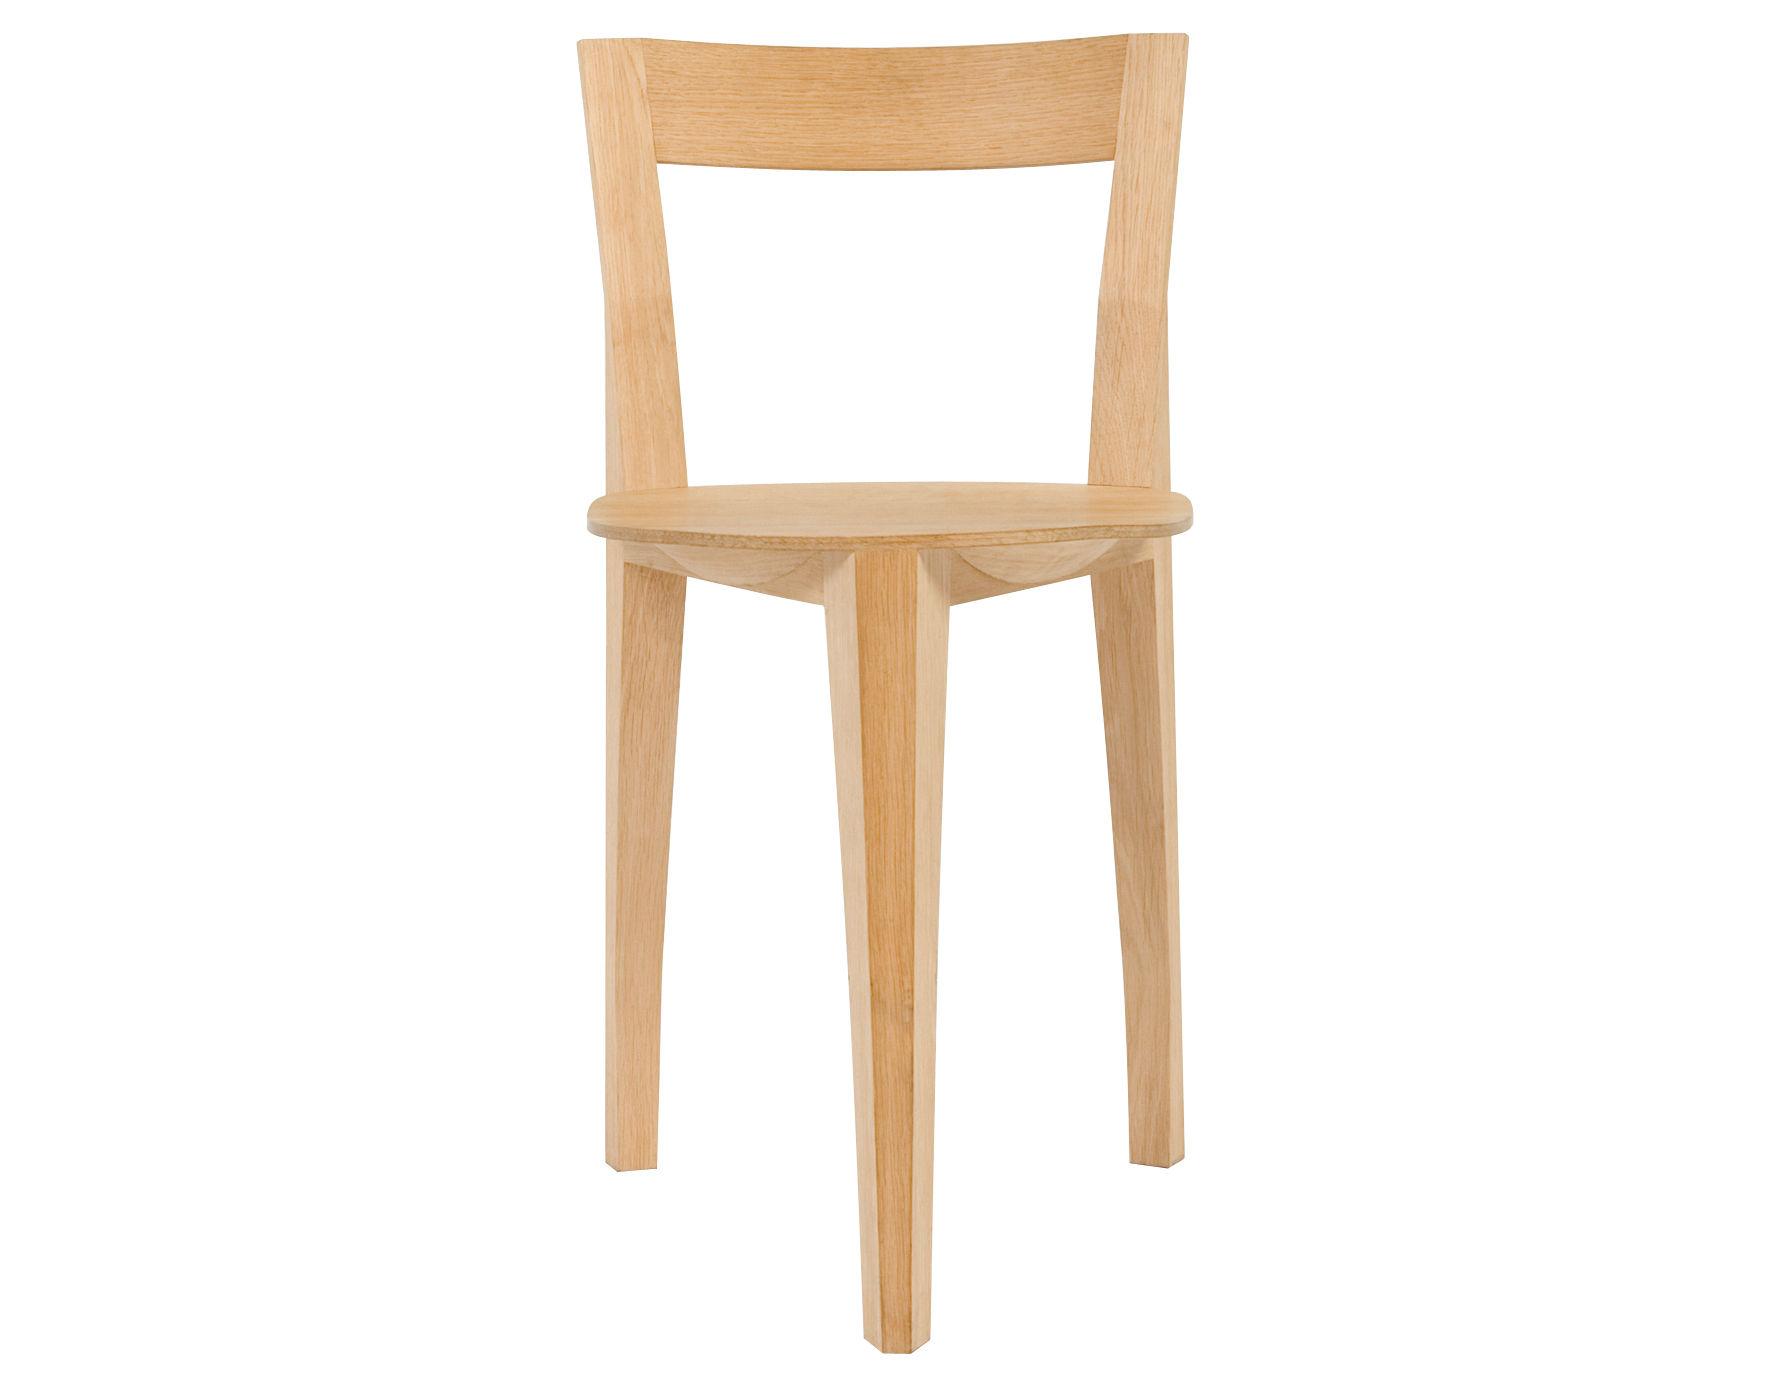 Möbel - Stühle  - Petite Gigue Stuhl - Moustache - Helles Holz - Eiche